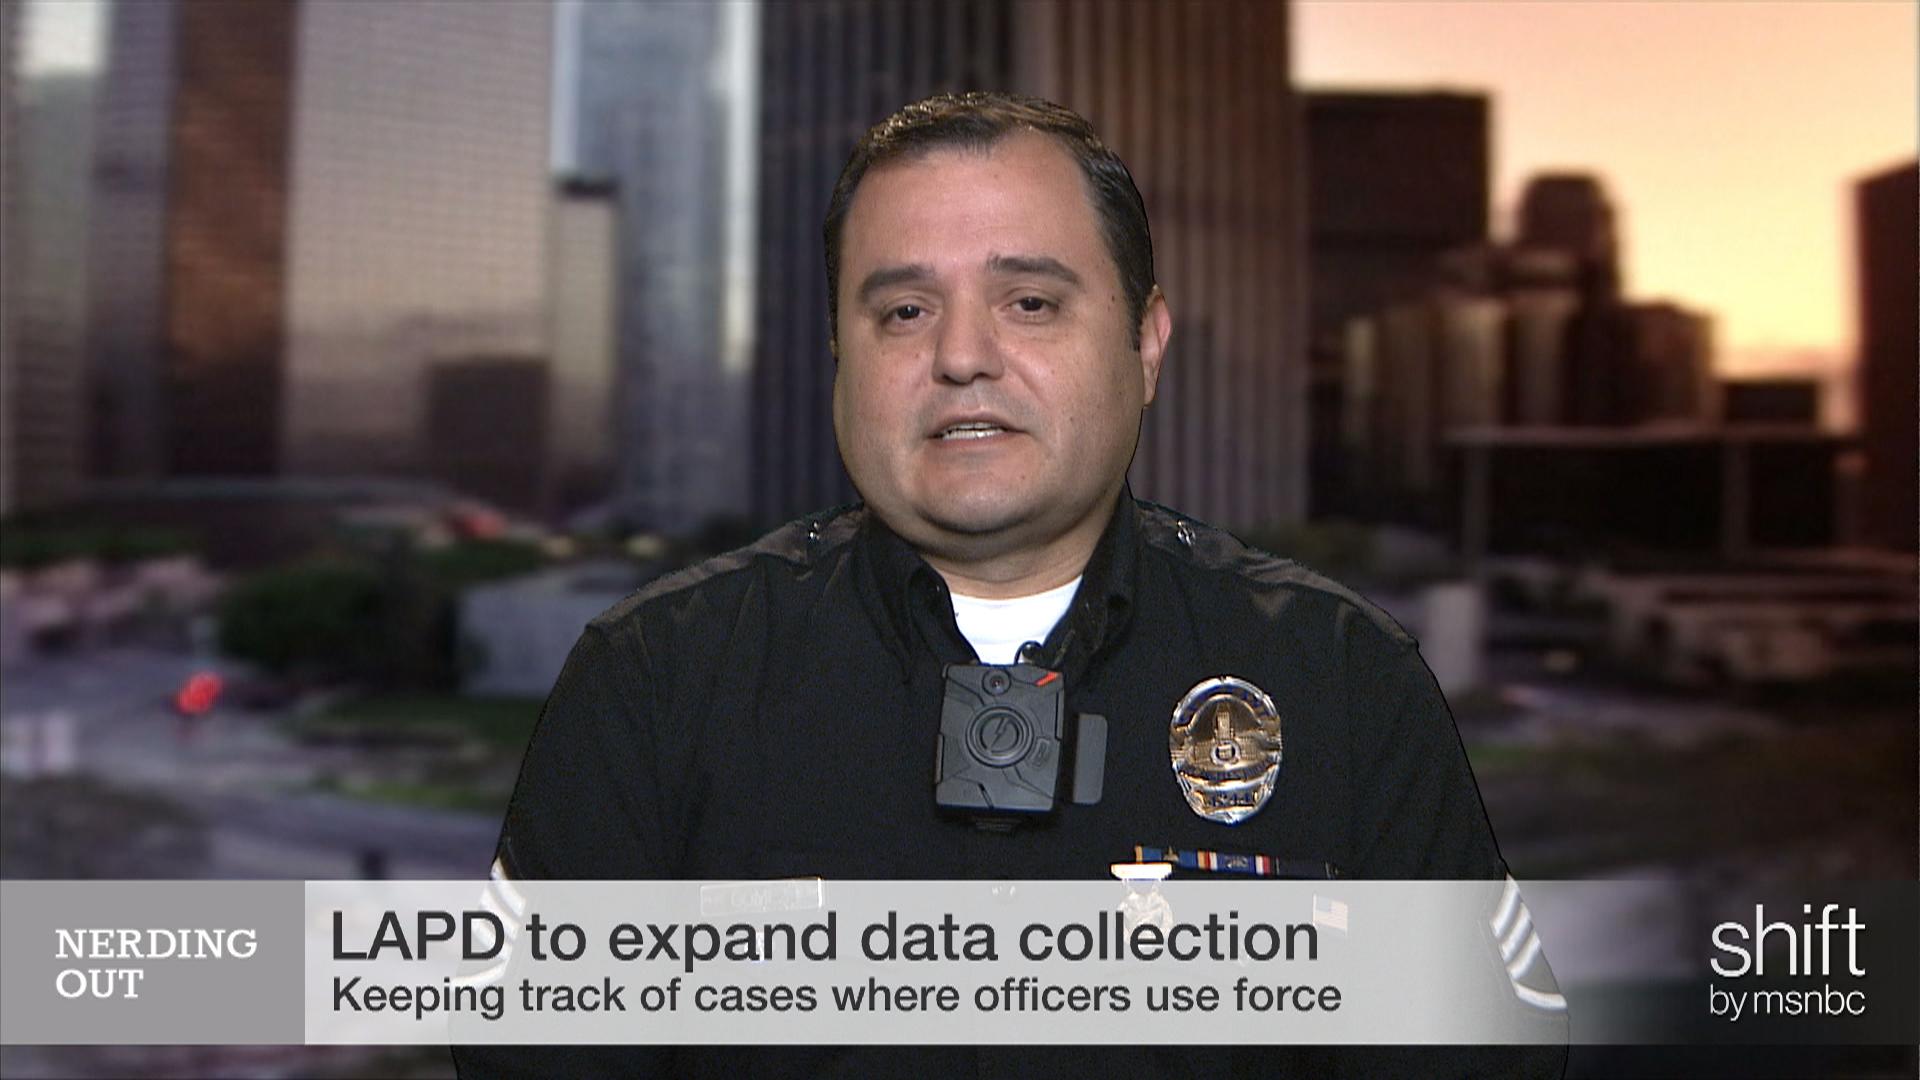 LAPD, Algorithms, Accountability & Evidence